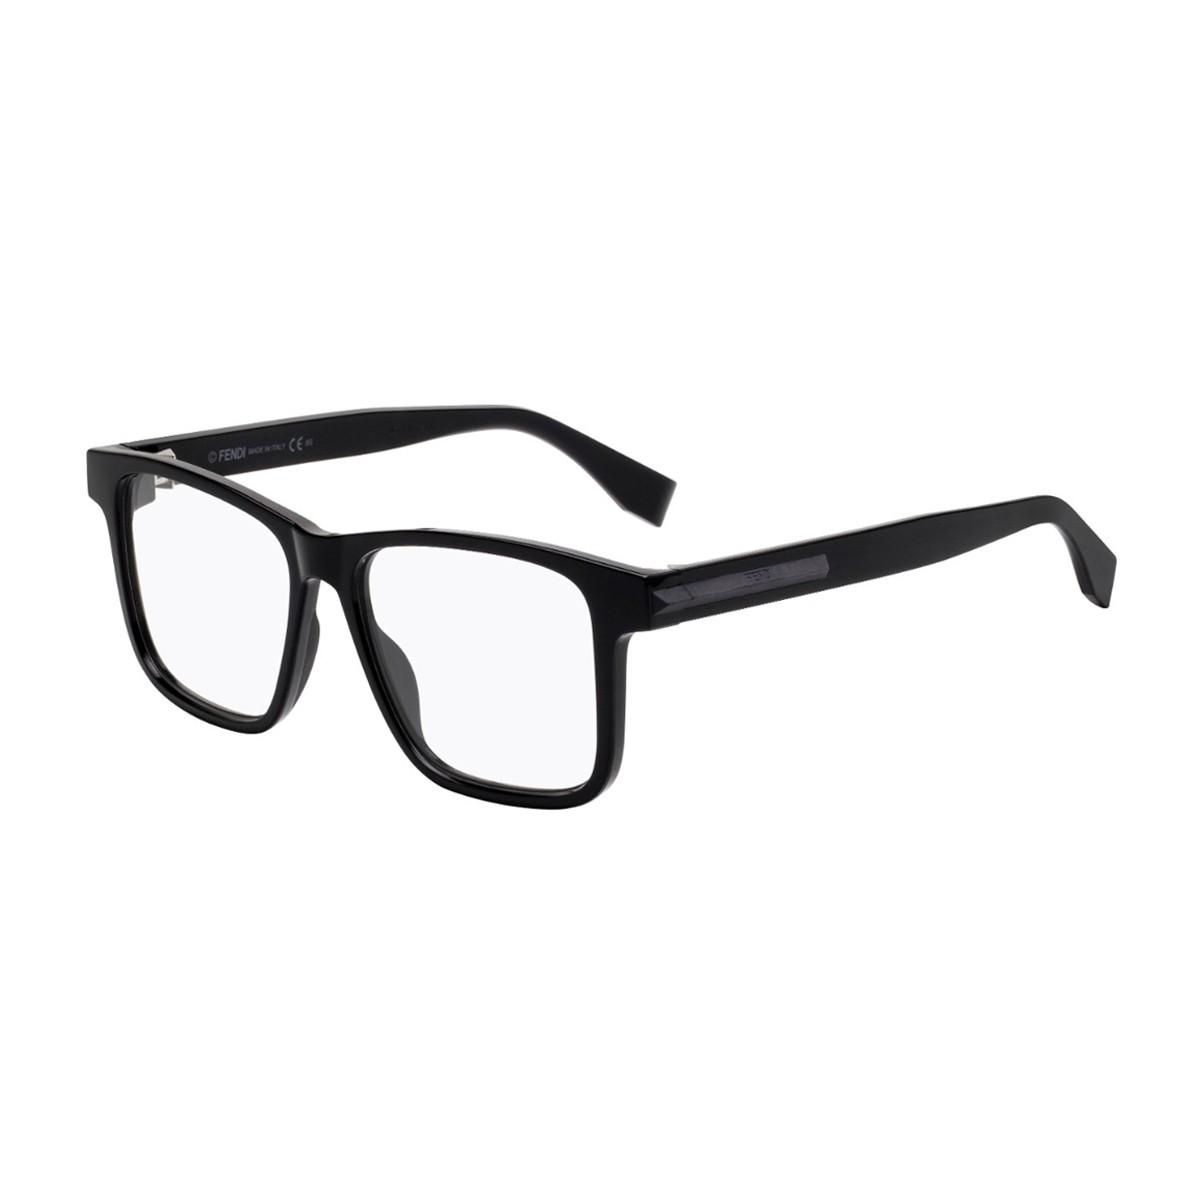 Fendi FF M0038 | Men's eyeglasses